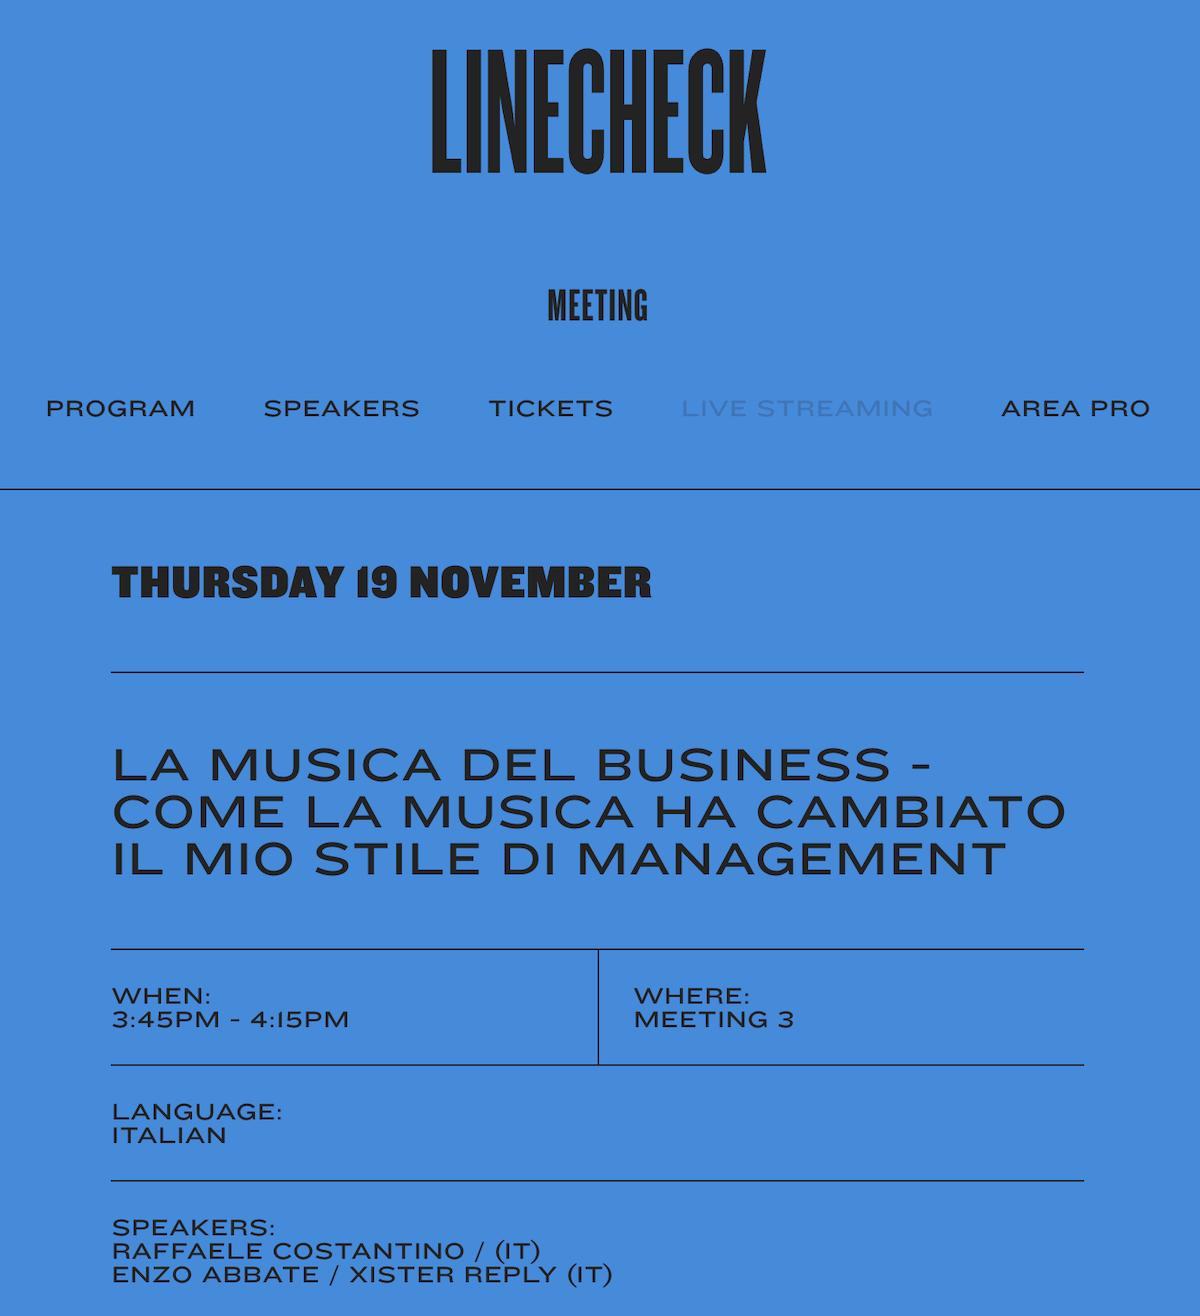 Studio 33 x Linecheck2020